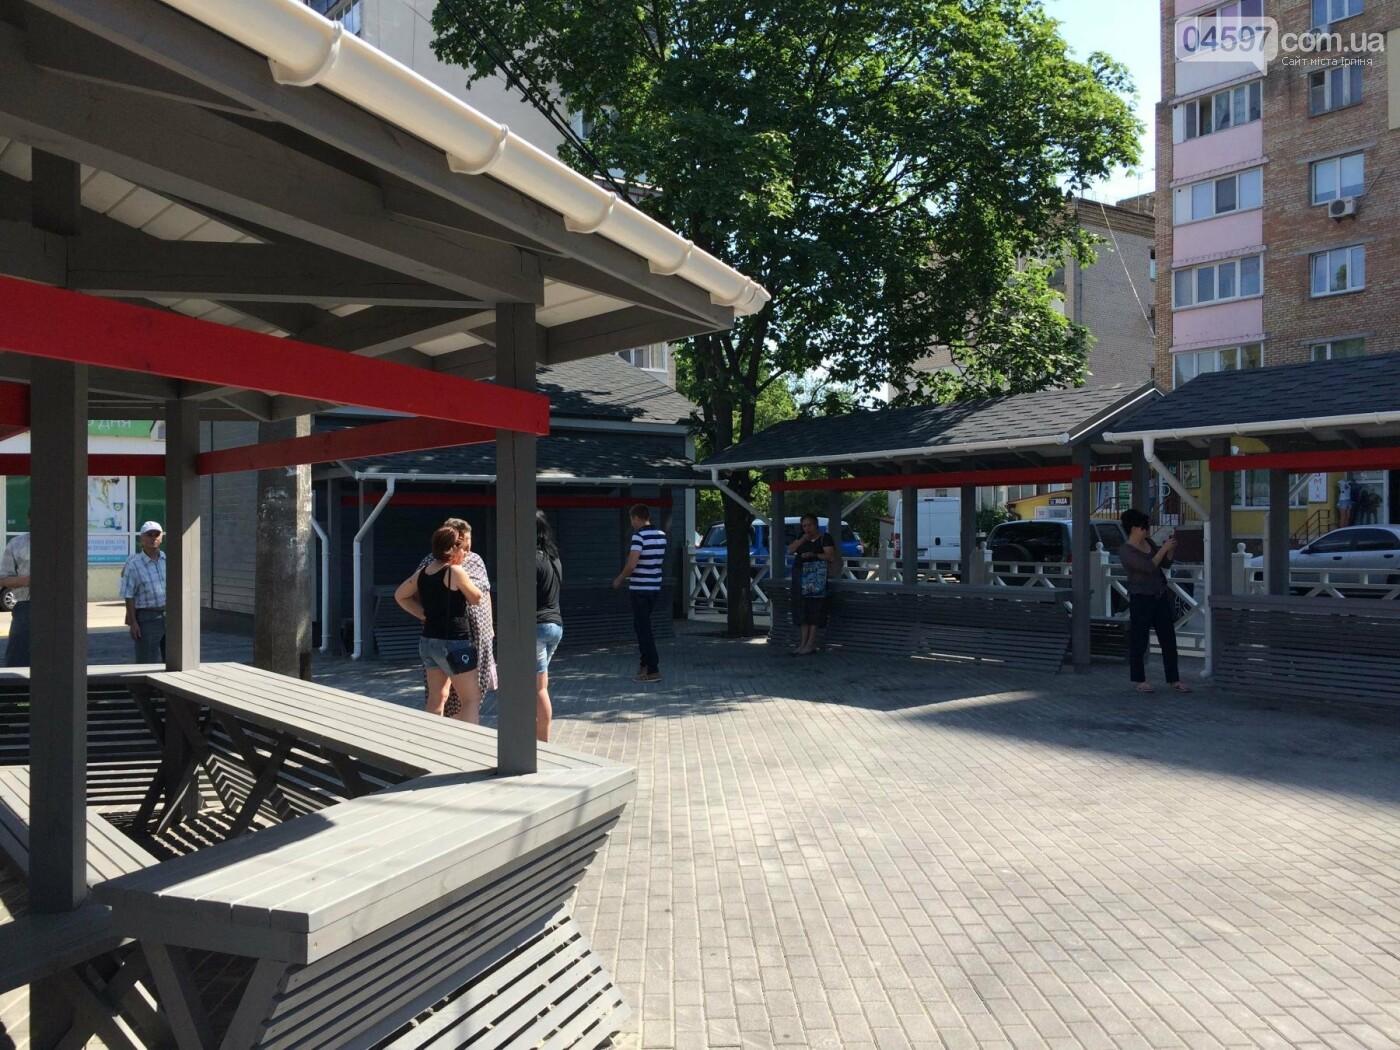 В Ірпені відкрили торговий риночок, фото-2